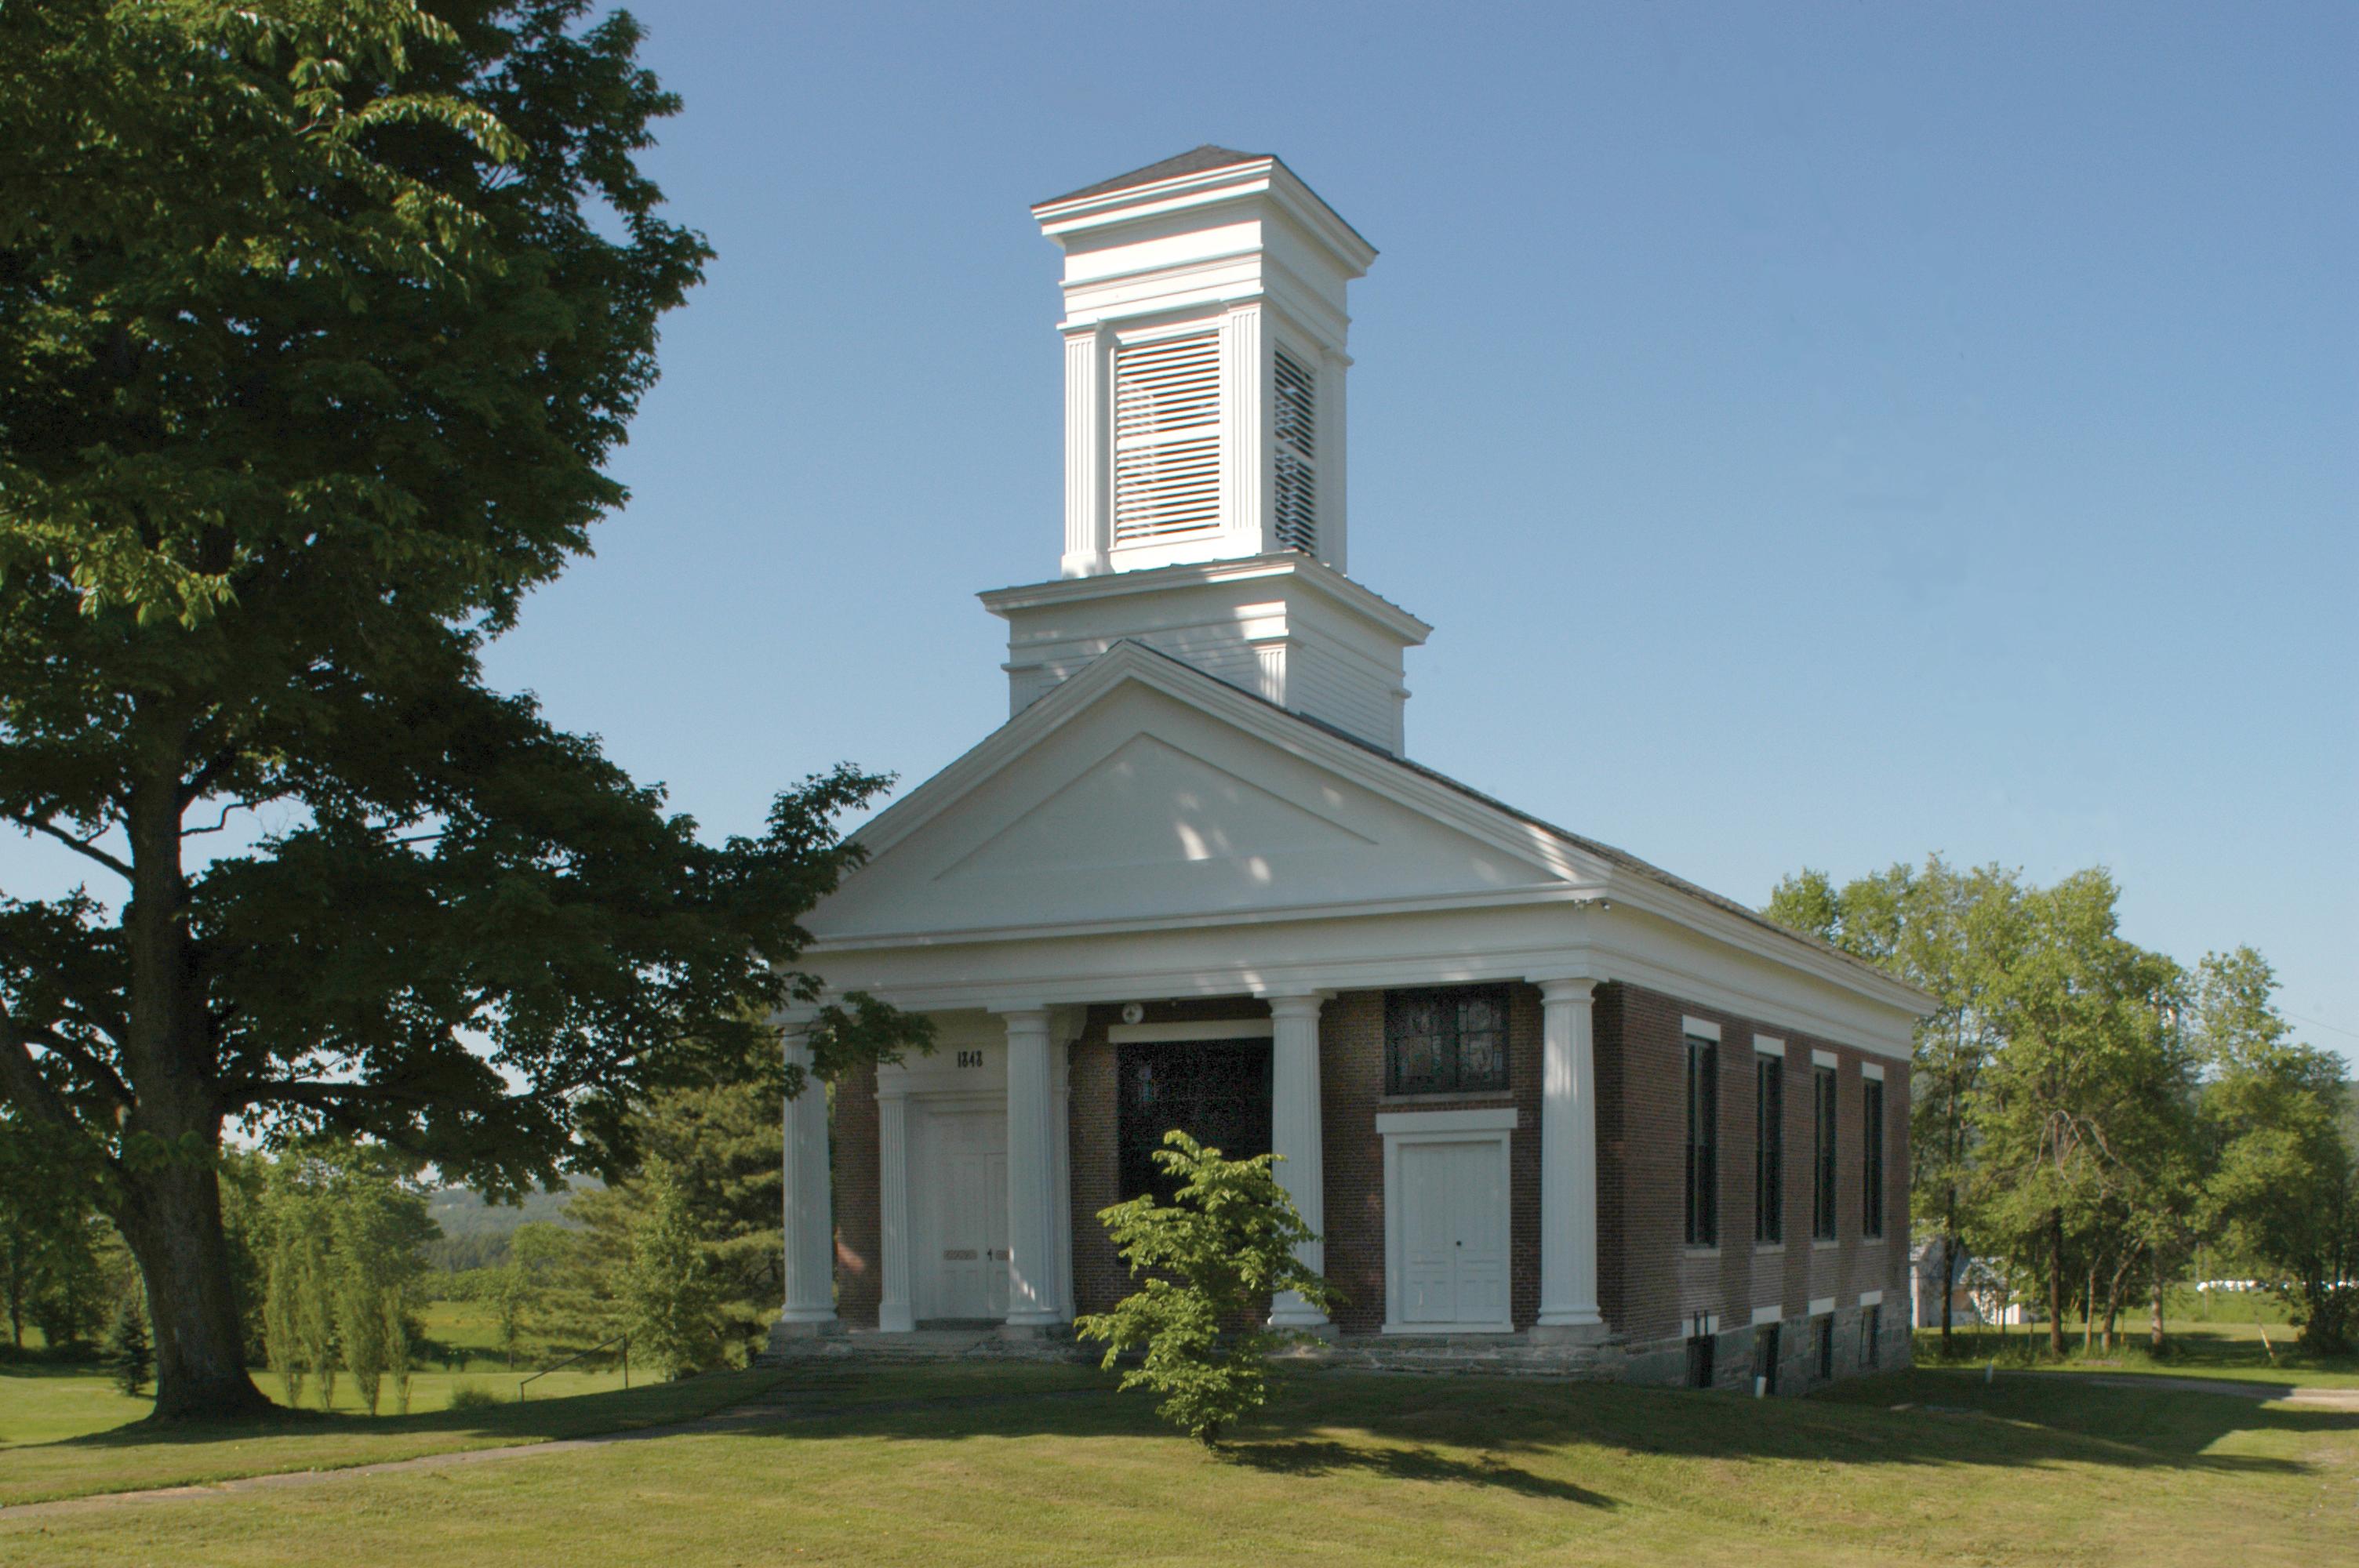 Lamoille Lodge & First Baptist Church, Fairfax